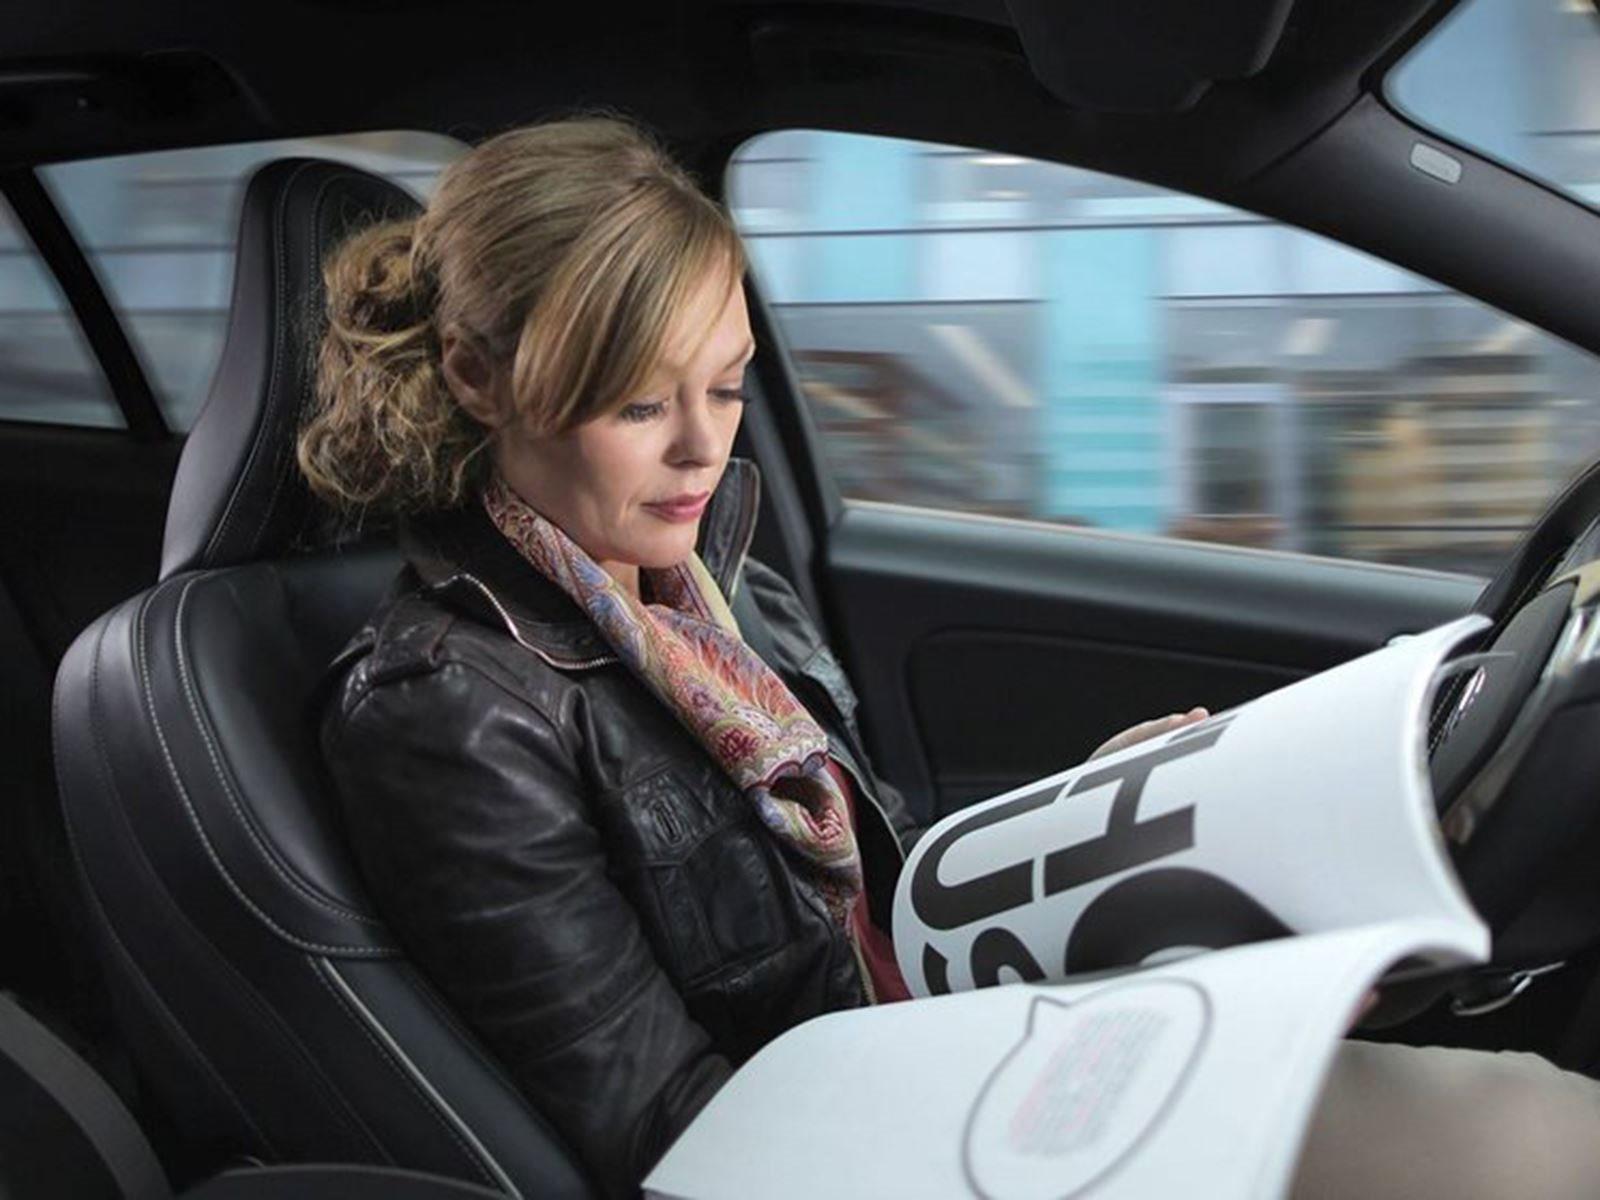 Исследование, проведенное Автономным консорциумом по транспортным средствам, показало, что водителям потребовалось около двух секунд, прежде чем взяться за руль. Основываясь на этом запаздывании, автомобиль, едущий со скоростью 80 км/ч, проехал около